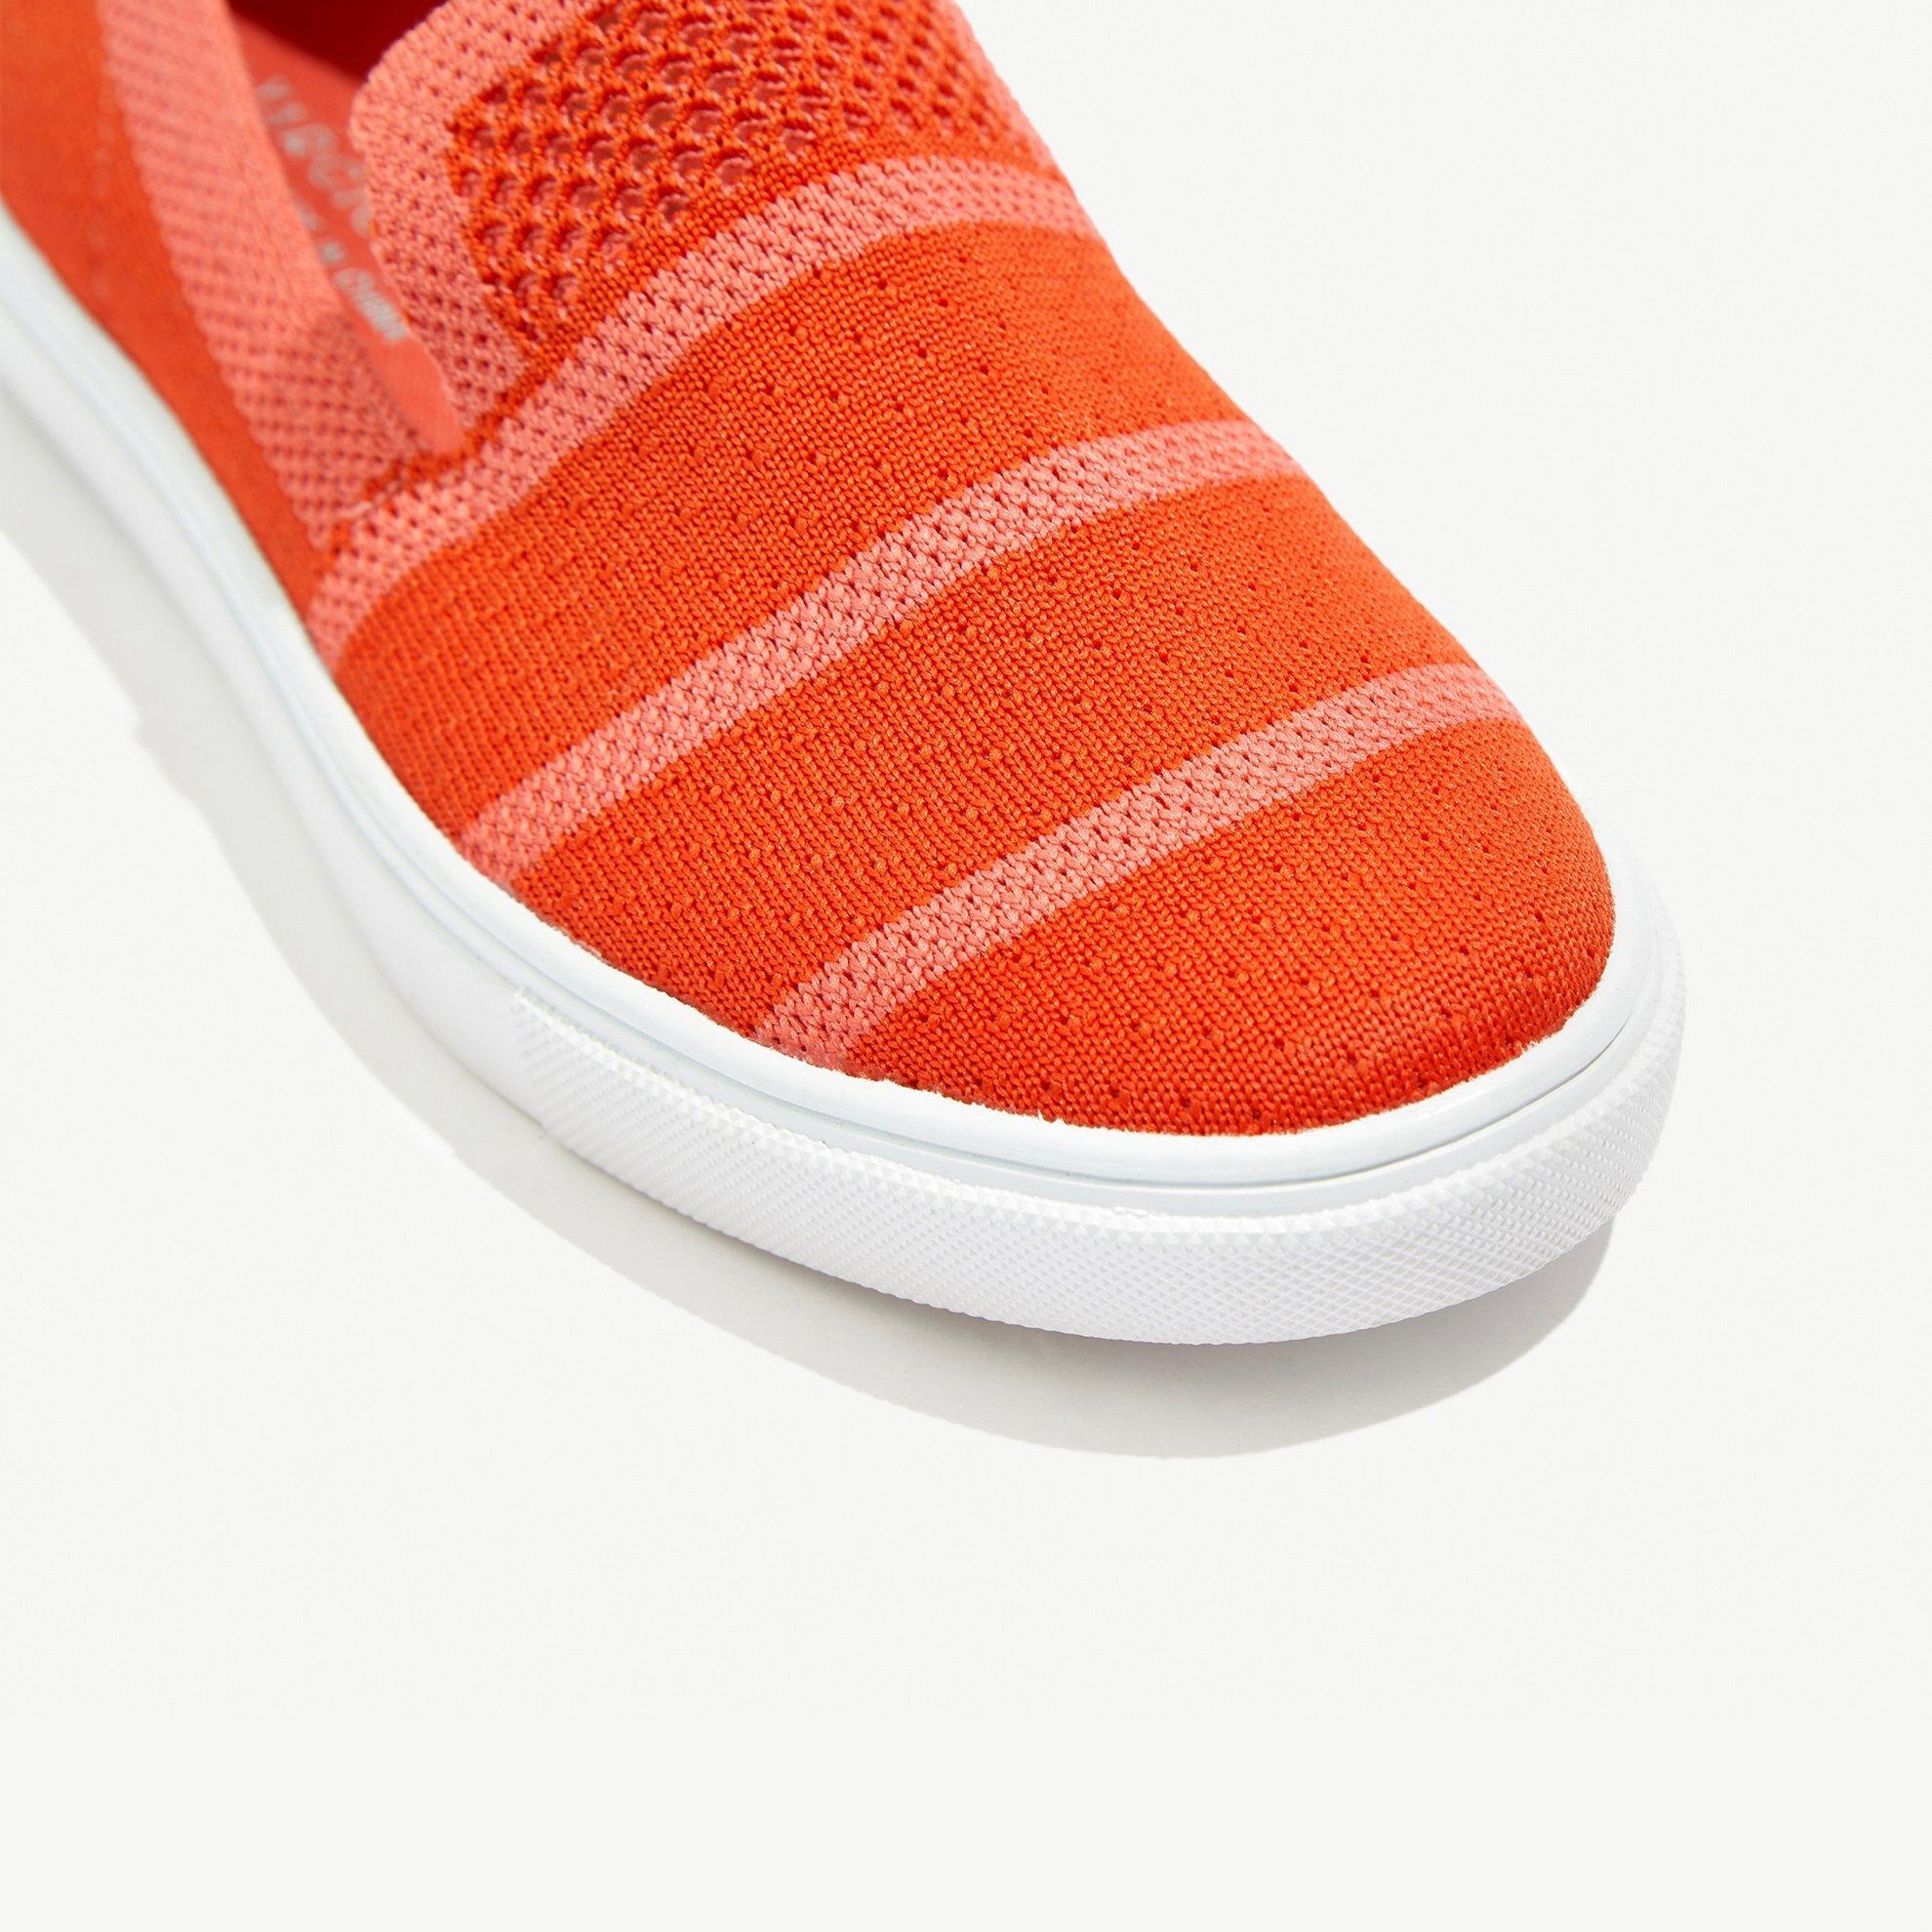 Örgü Spor Ayakkabı